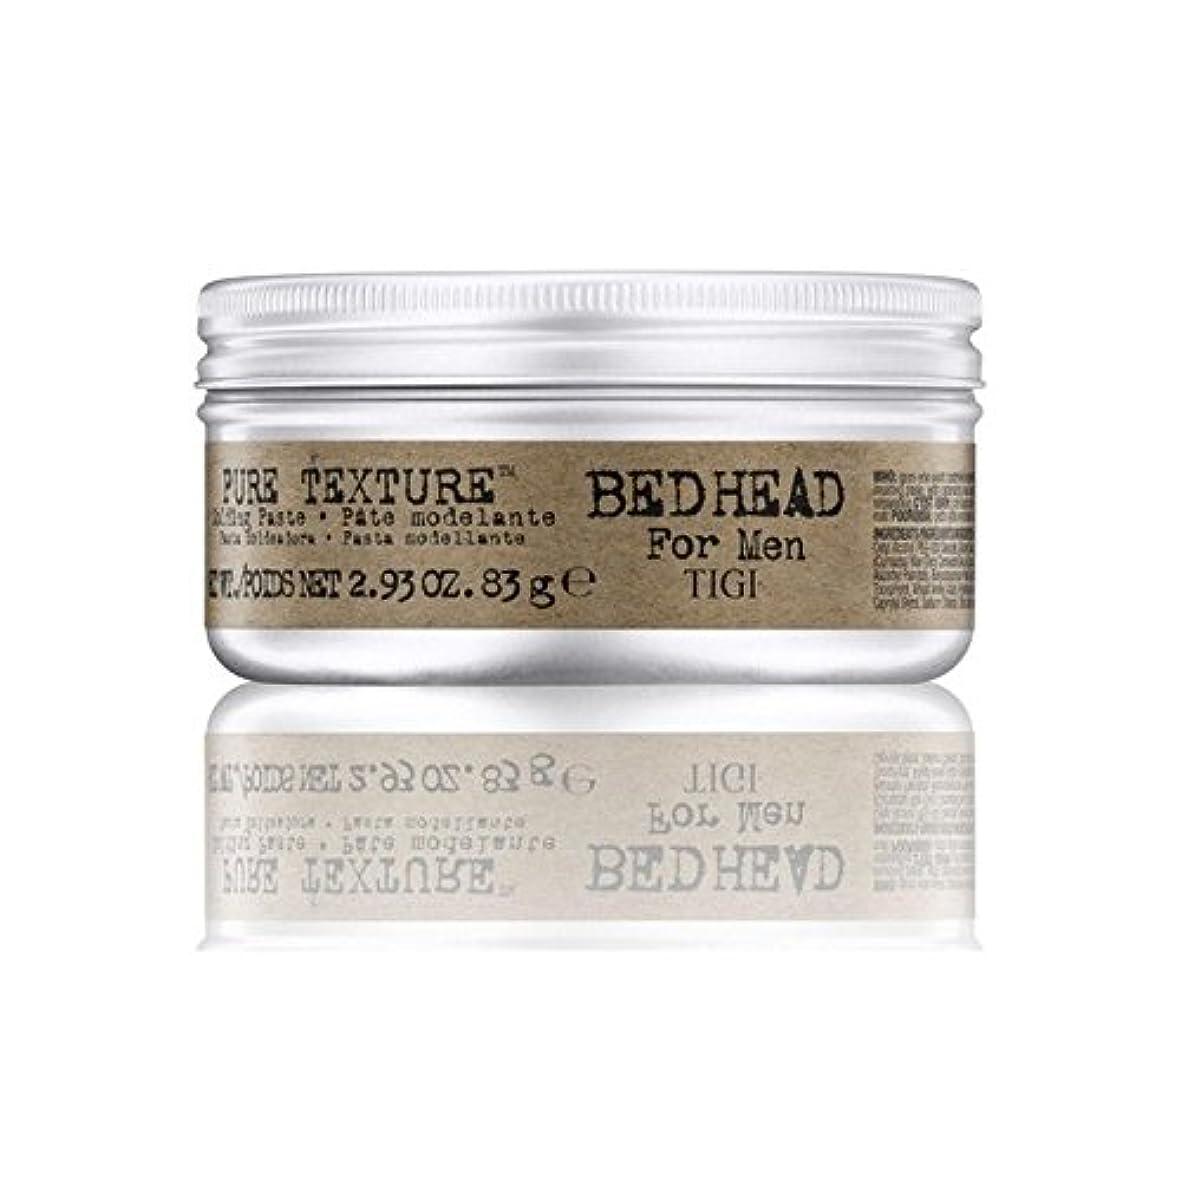 アジア人ピアース分析する男性の純粋なテクスチャーモールディングペースト(83グラム)のためのティジーベッドヘッド x4 - Tigi Bed Head For Men Pure Texture Molding Paste (83G) (Pack...